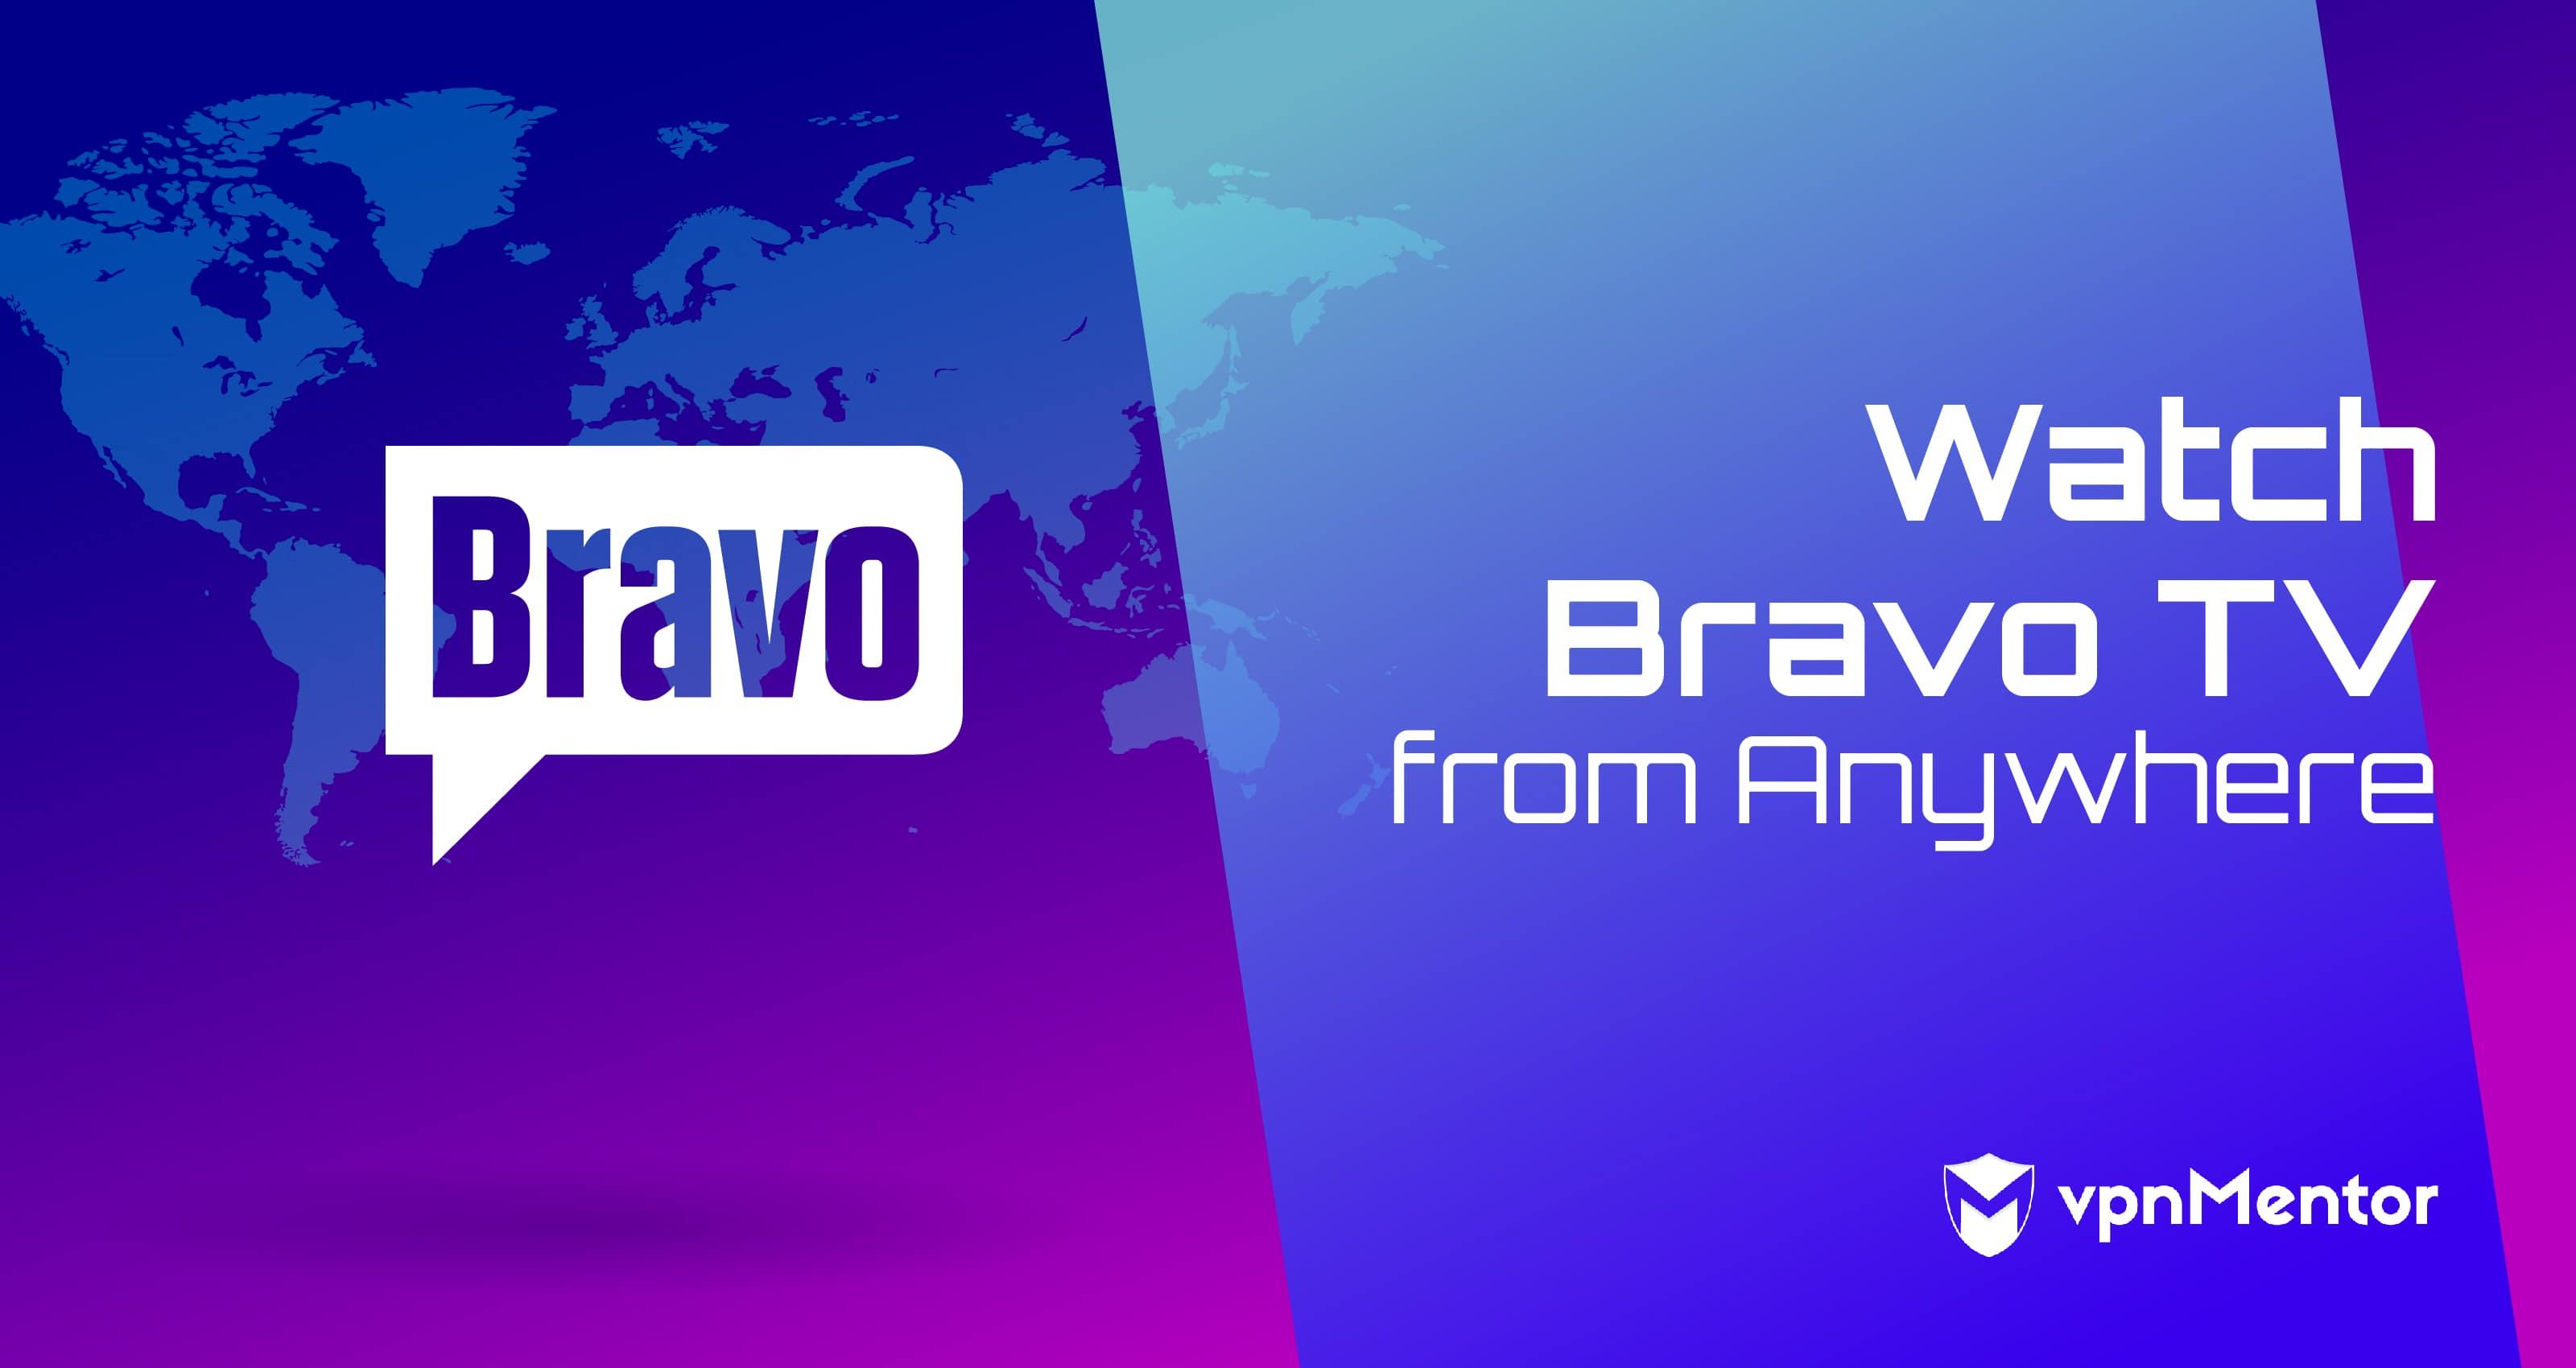 Watch Bravo TV Anywhere